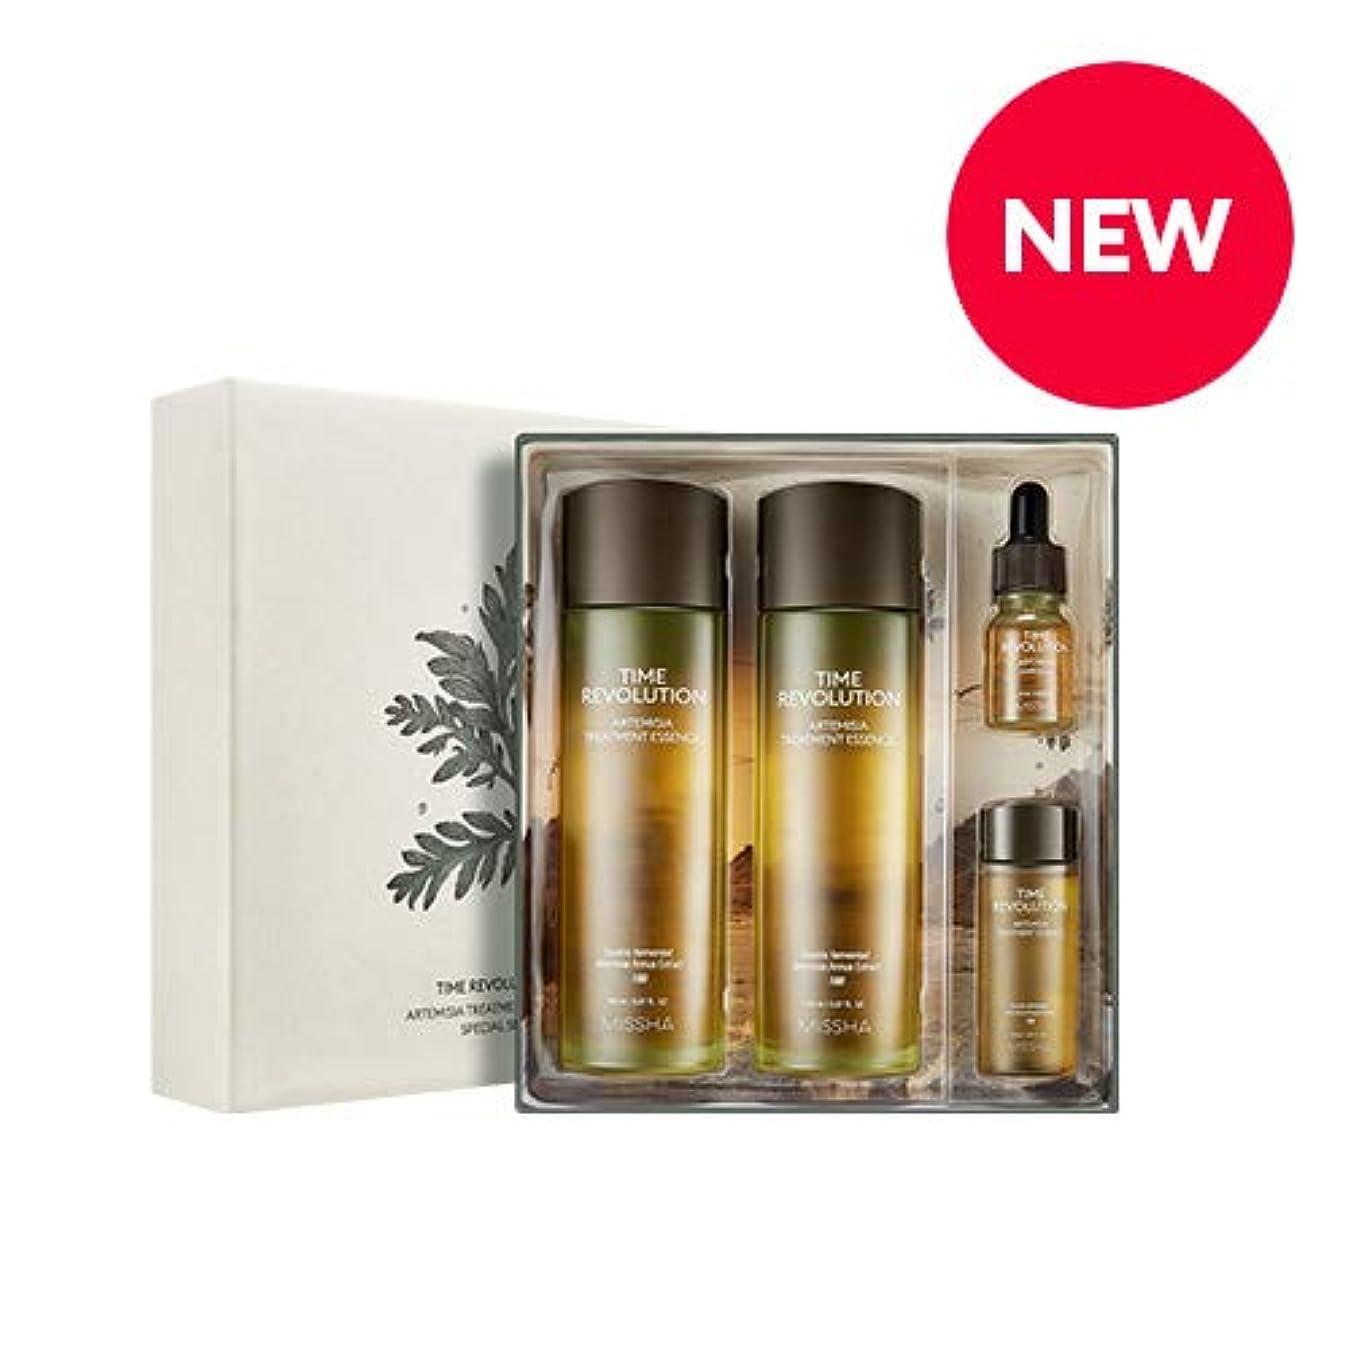 篭シネマ気楽なMISSHA タイムレボリューションアルテミシアトリートメントエッセンススペシャルセット/Time Revolution Artemisia Treatment Essence Special Set [並行輸入品]